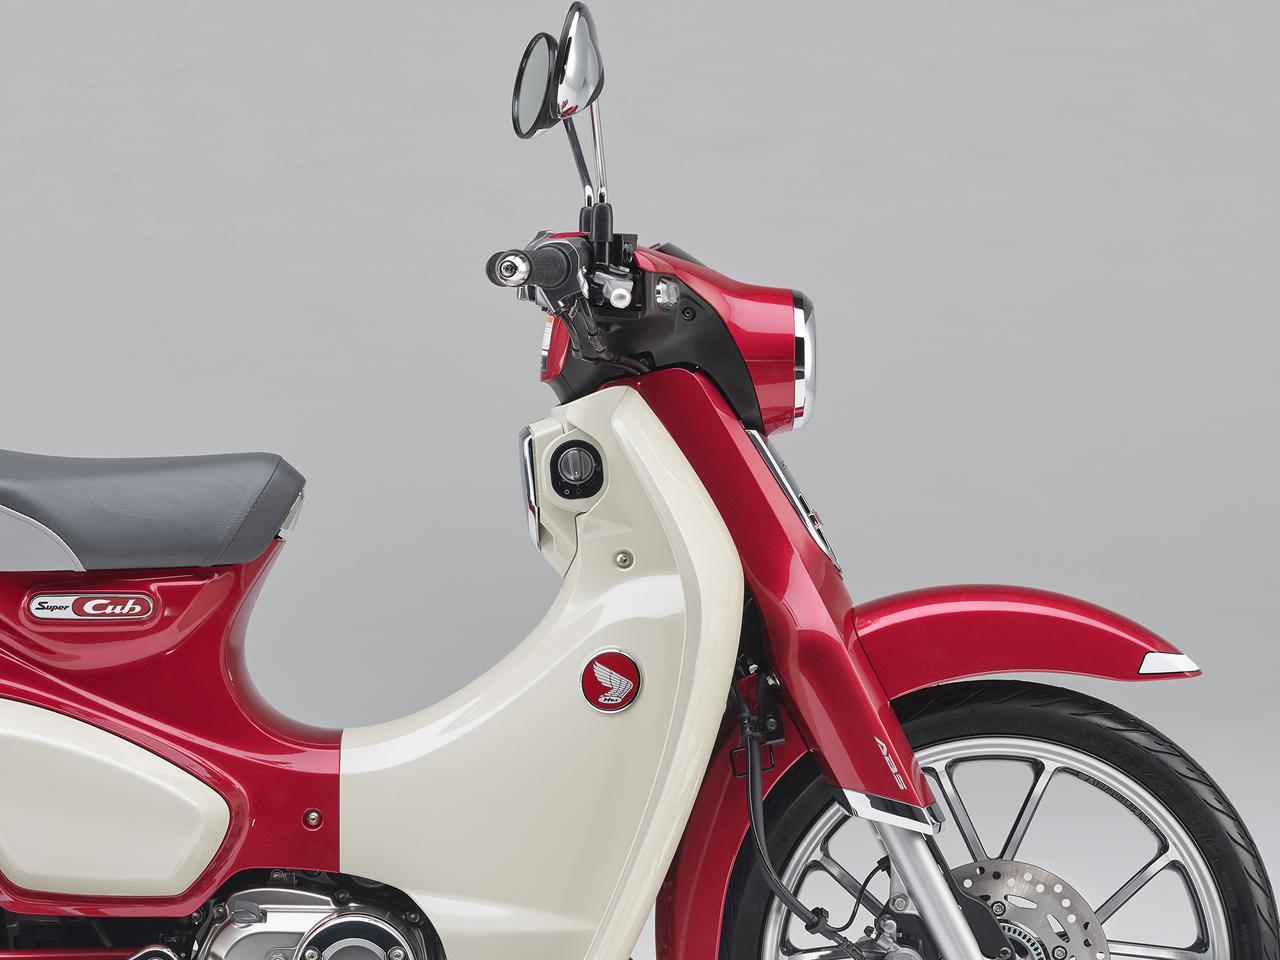 画像: ホンダ新型「スーパーカブC125」の基本的な情報はこちら - webオートバイ